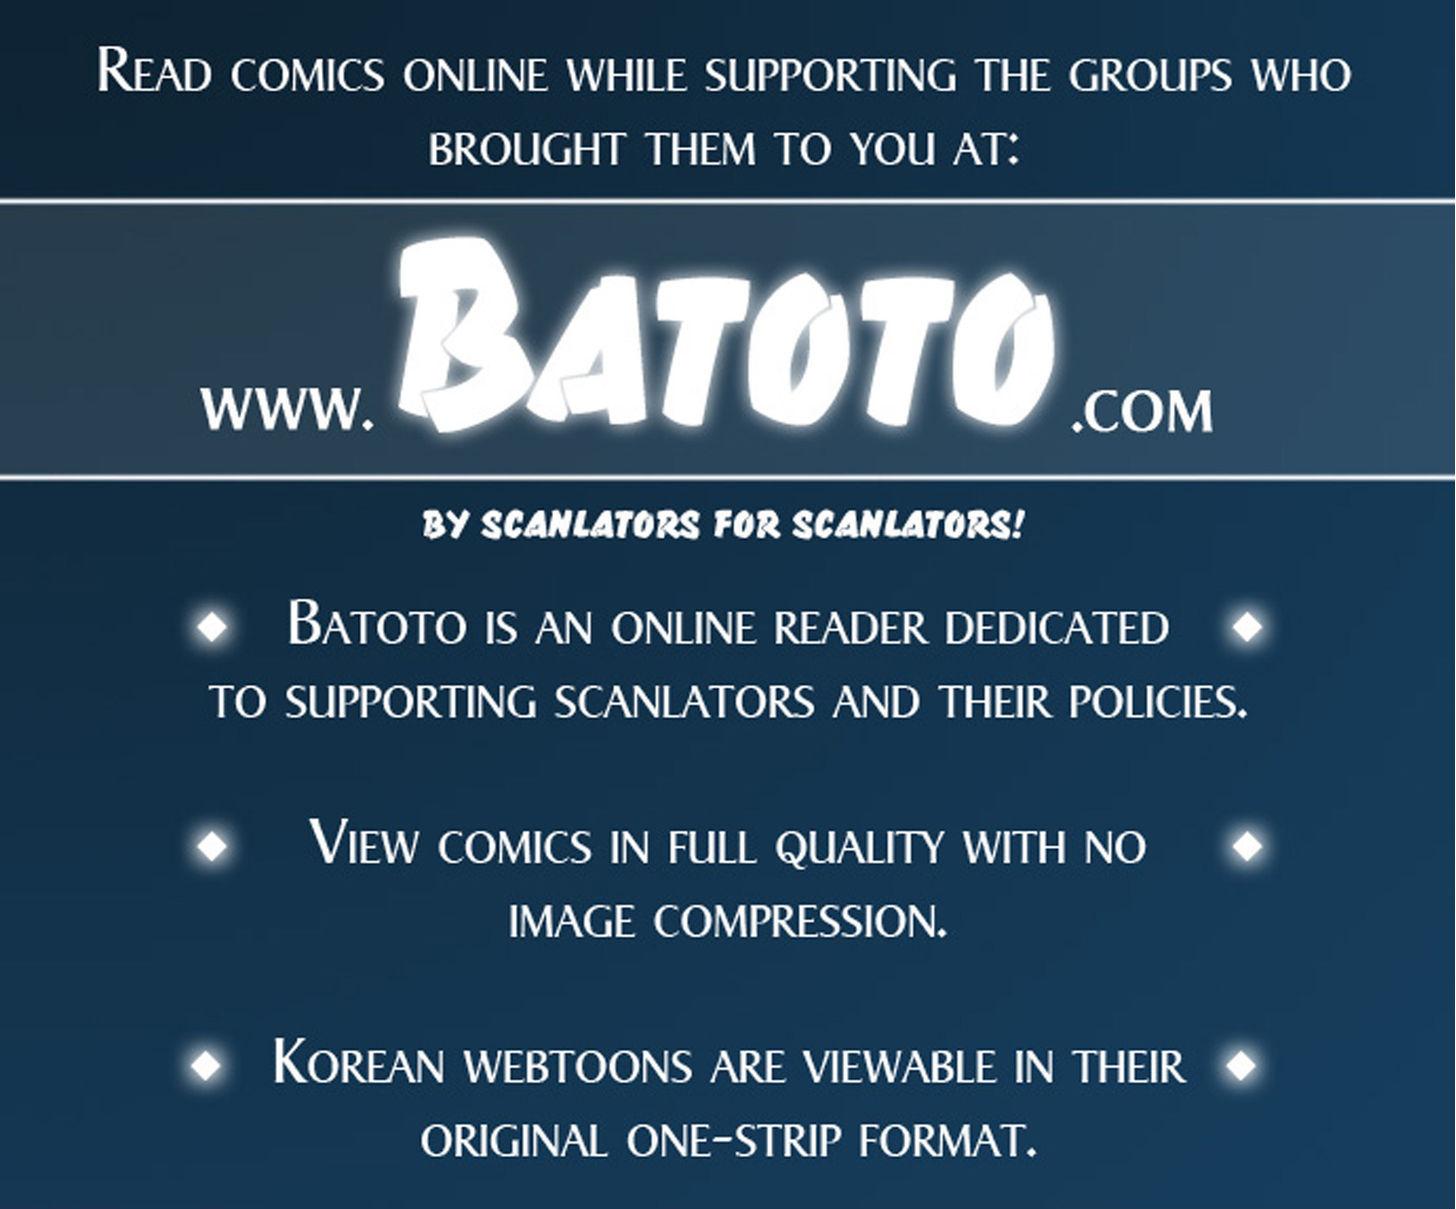 https://im.nineanime.com/comics/pic9/43/171/12629/Kingdom590560.jpg Page 1